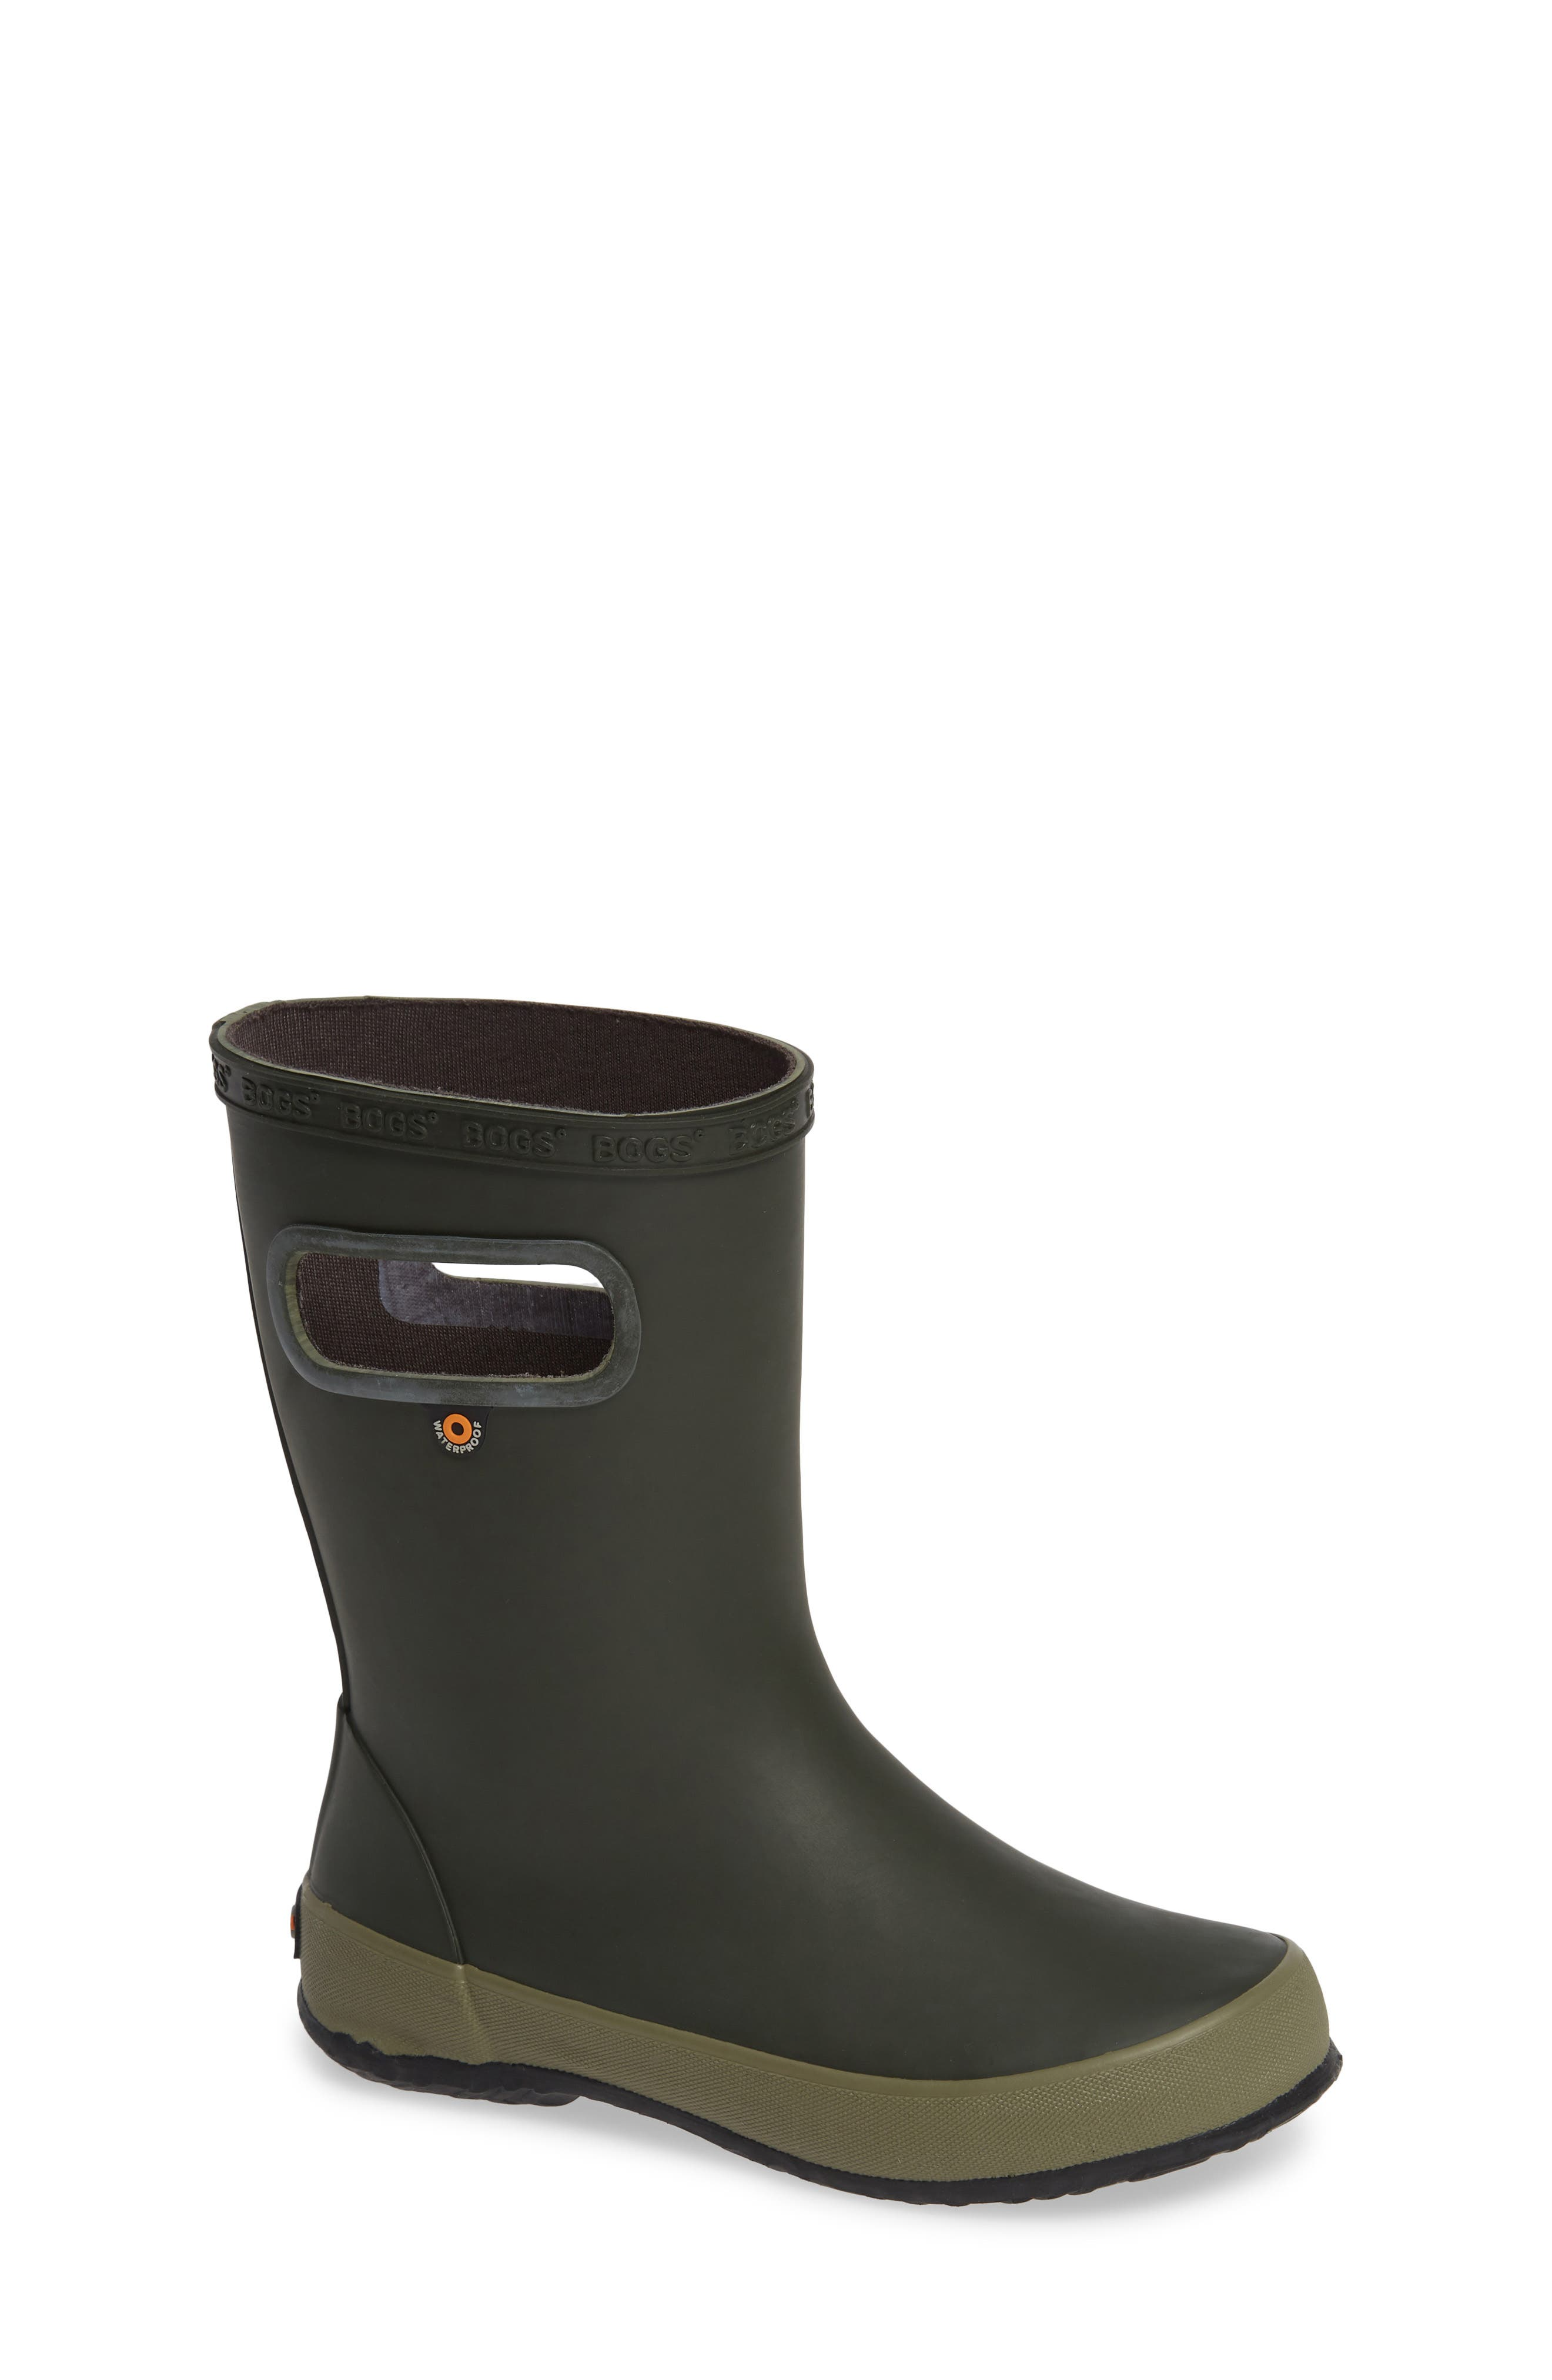 BOGS Skipper Solid Rubber Rain Boot, Main, color, DARK GREEN